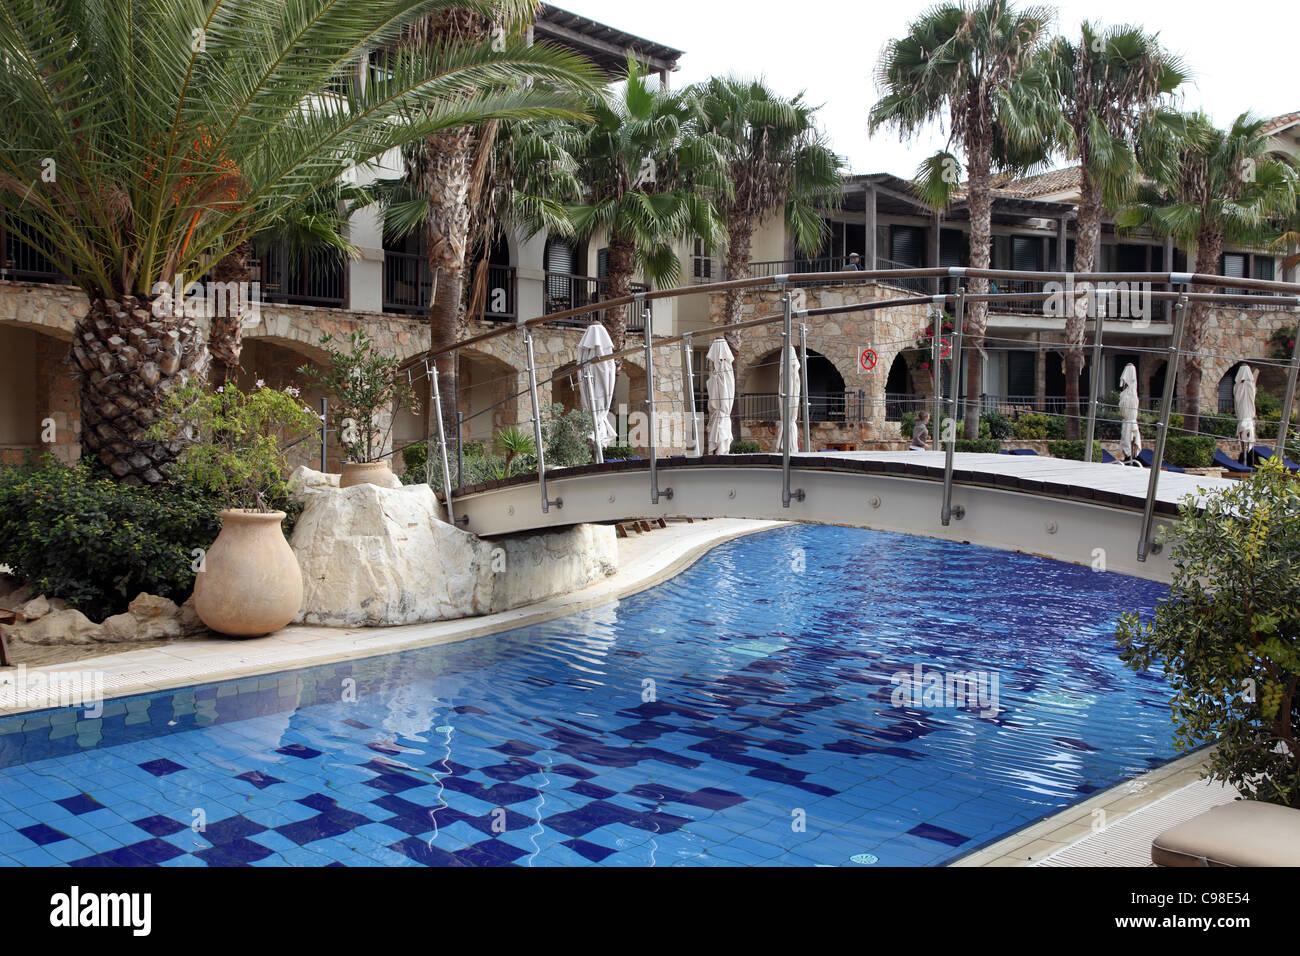 Columbia Beach Resort Swimming poll, Pissouri, Cyprus - Stock Image